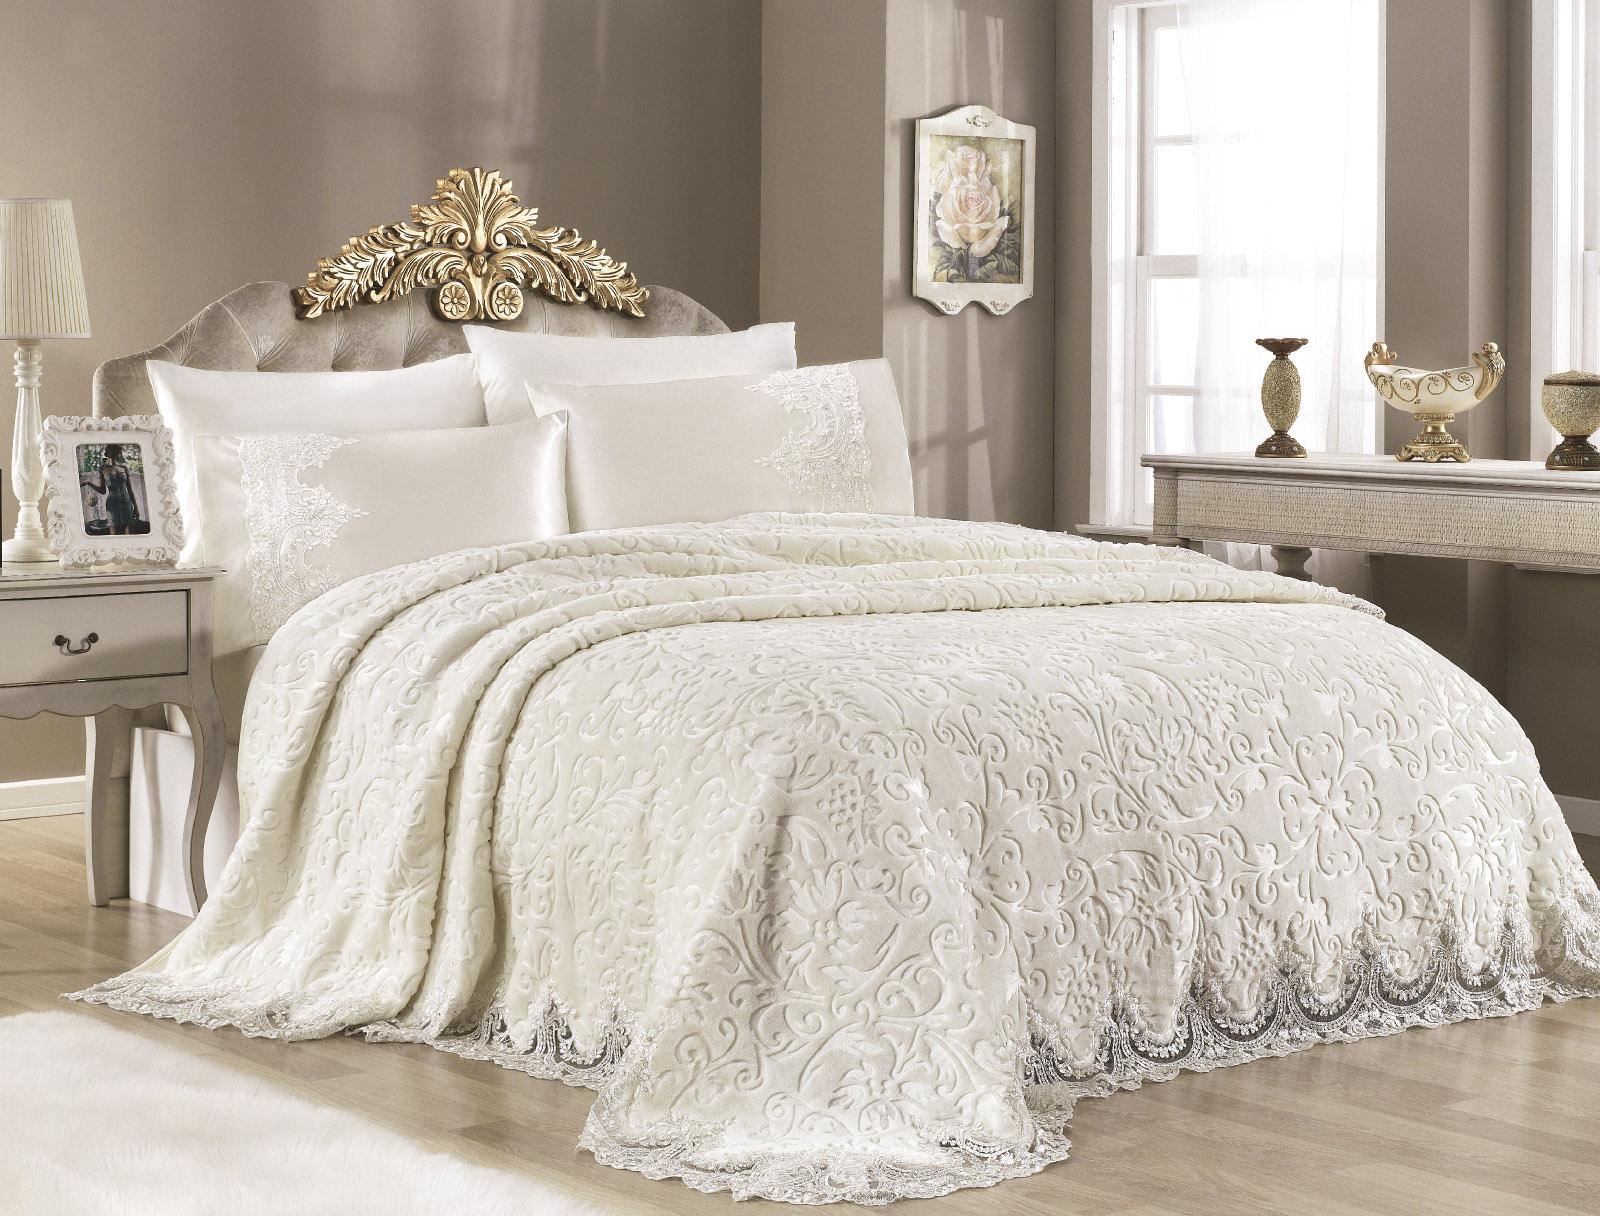 Bedding Blanket Set